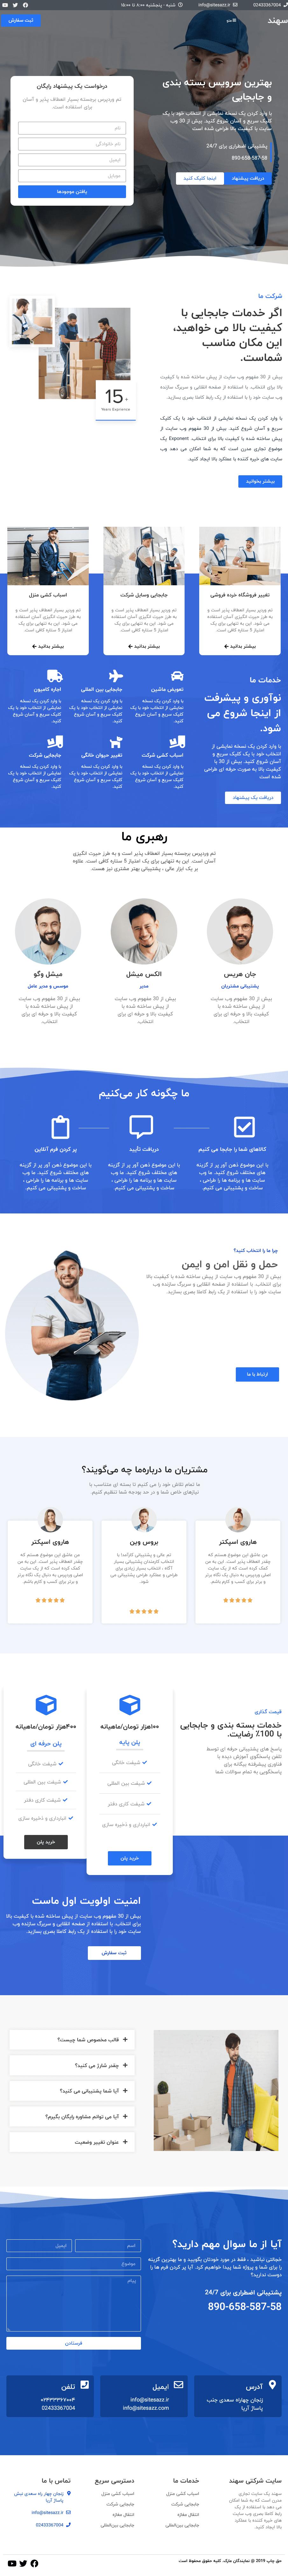 حالت تبلت سایت شرکتی سهند